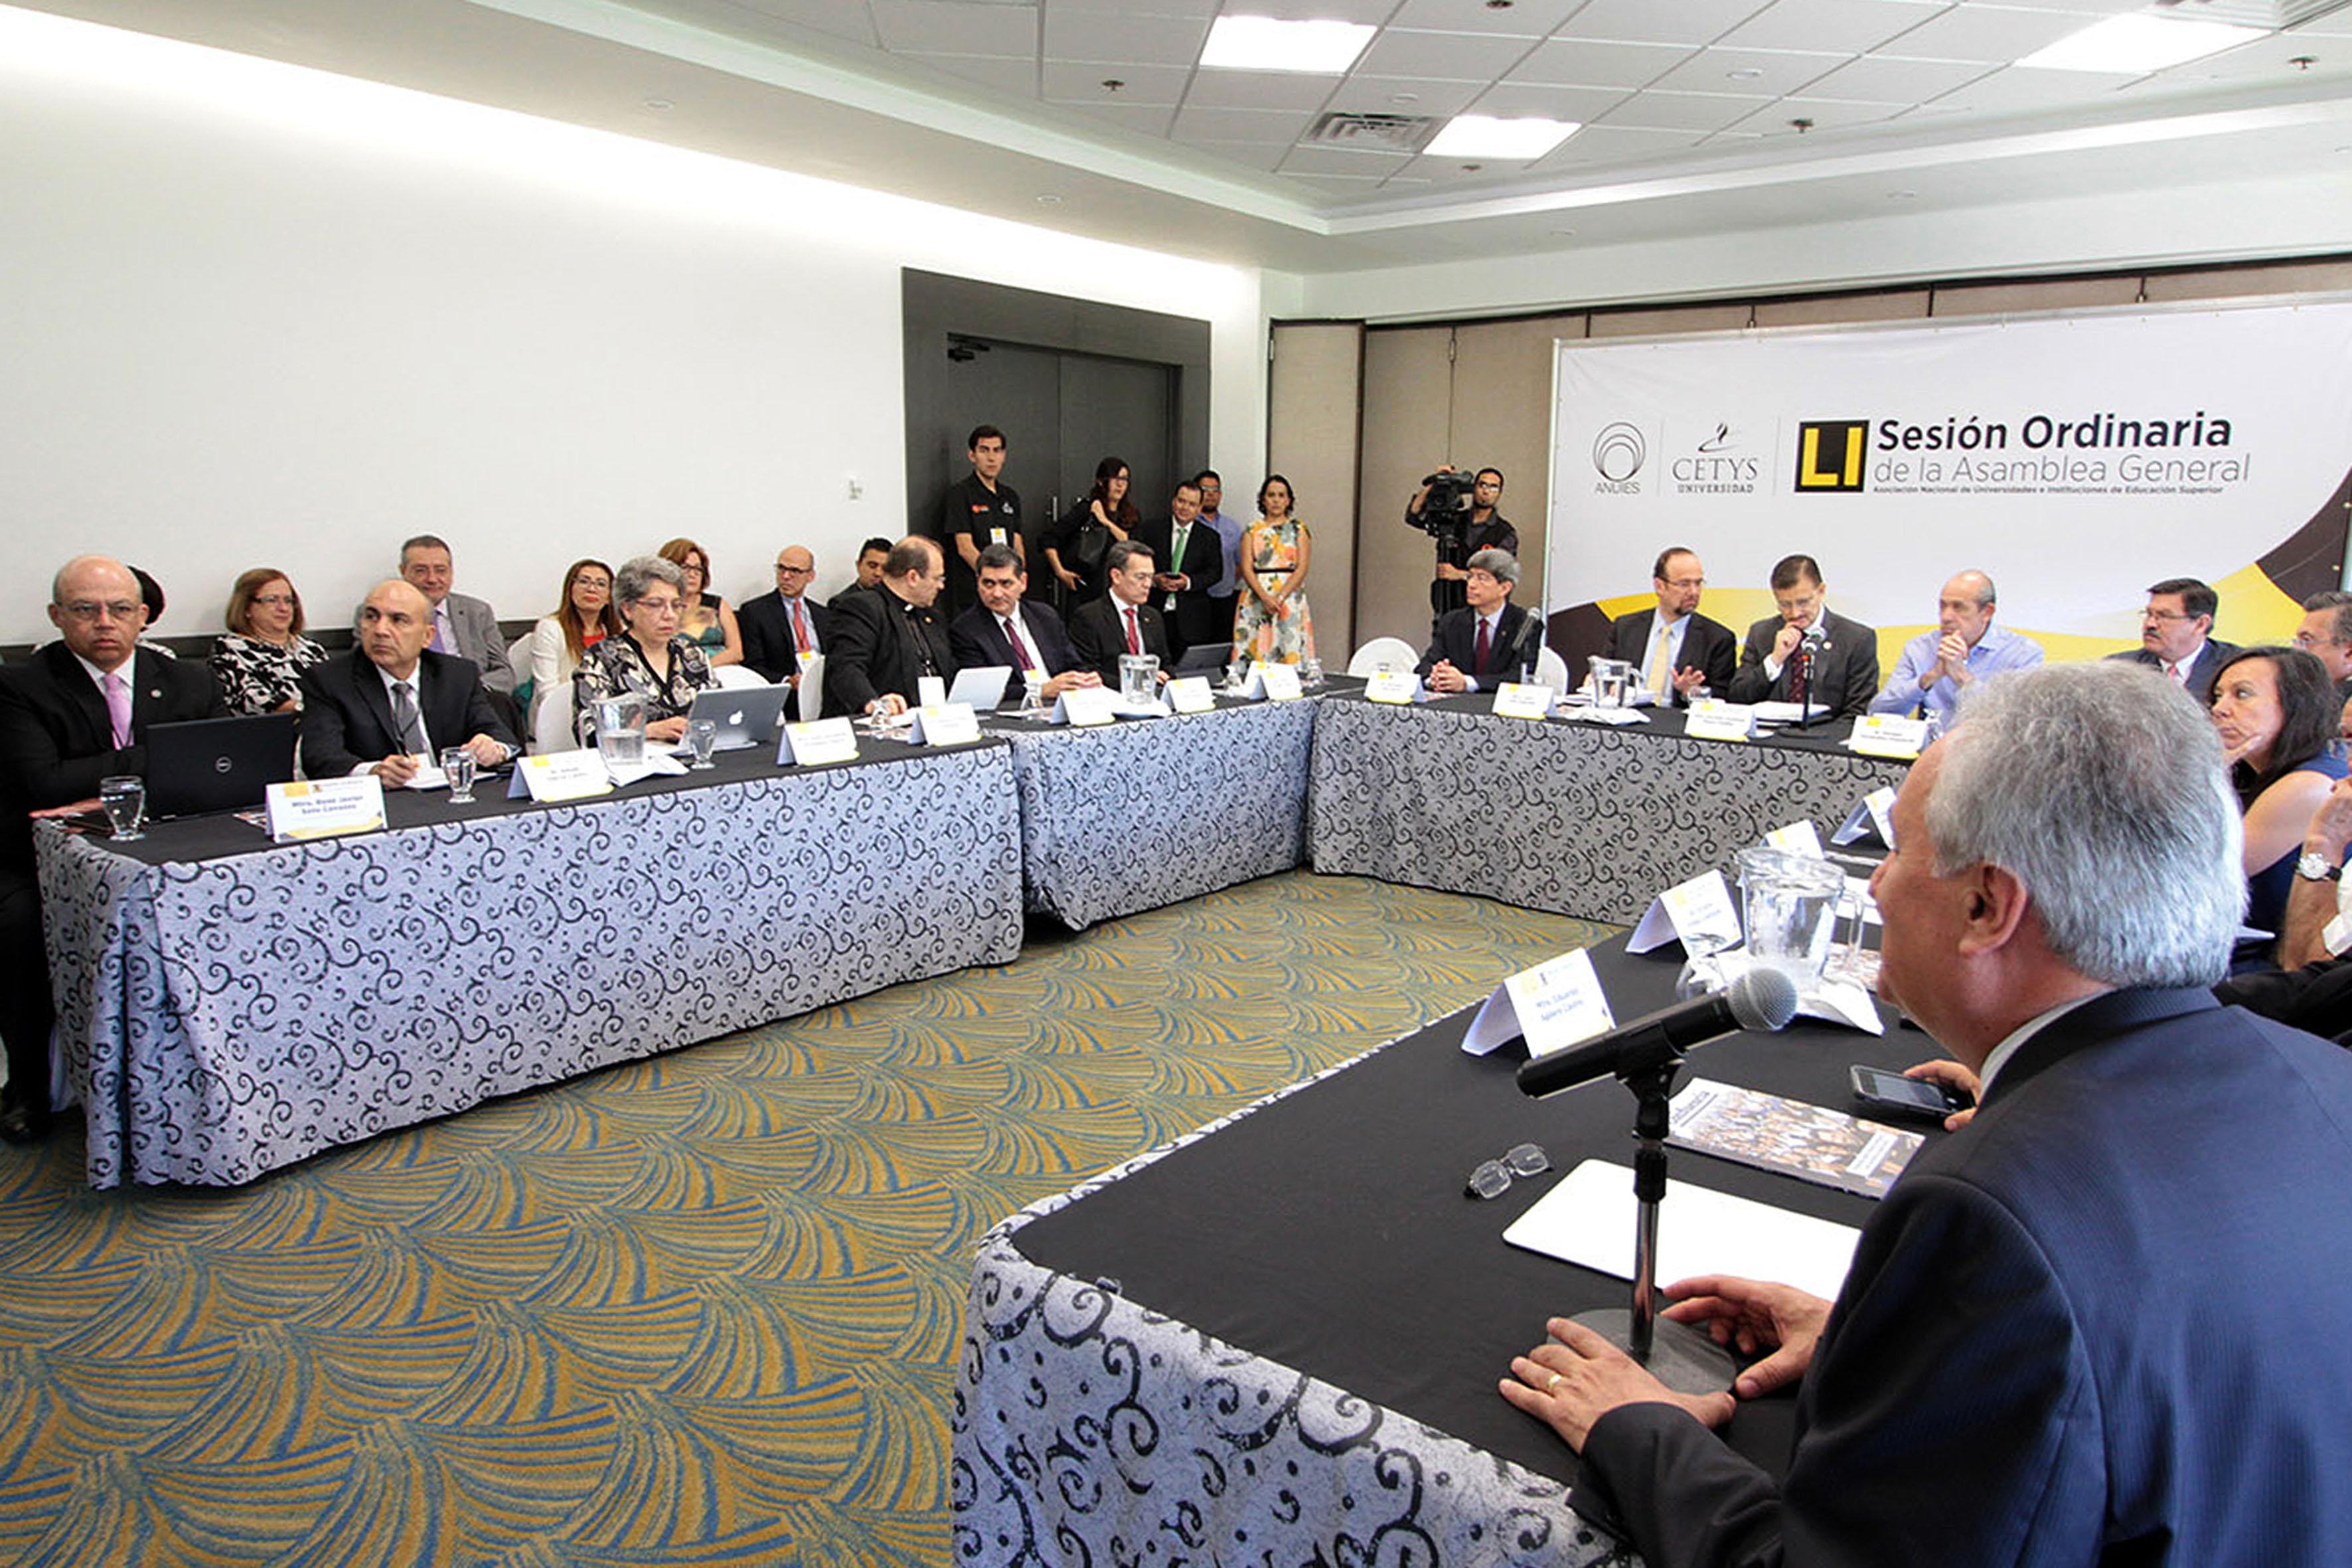 Sesión Ordinaria del Consejo de la Asociación Nacional de Universidades e Instituciones de Educación Superior (ANUIES), con sede en la ciudad de Tijuana, Baja California.